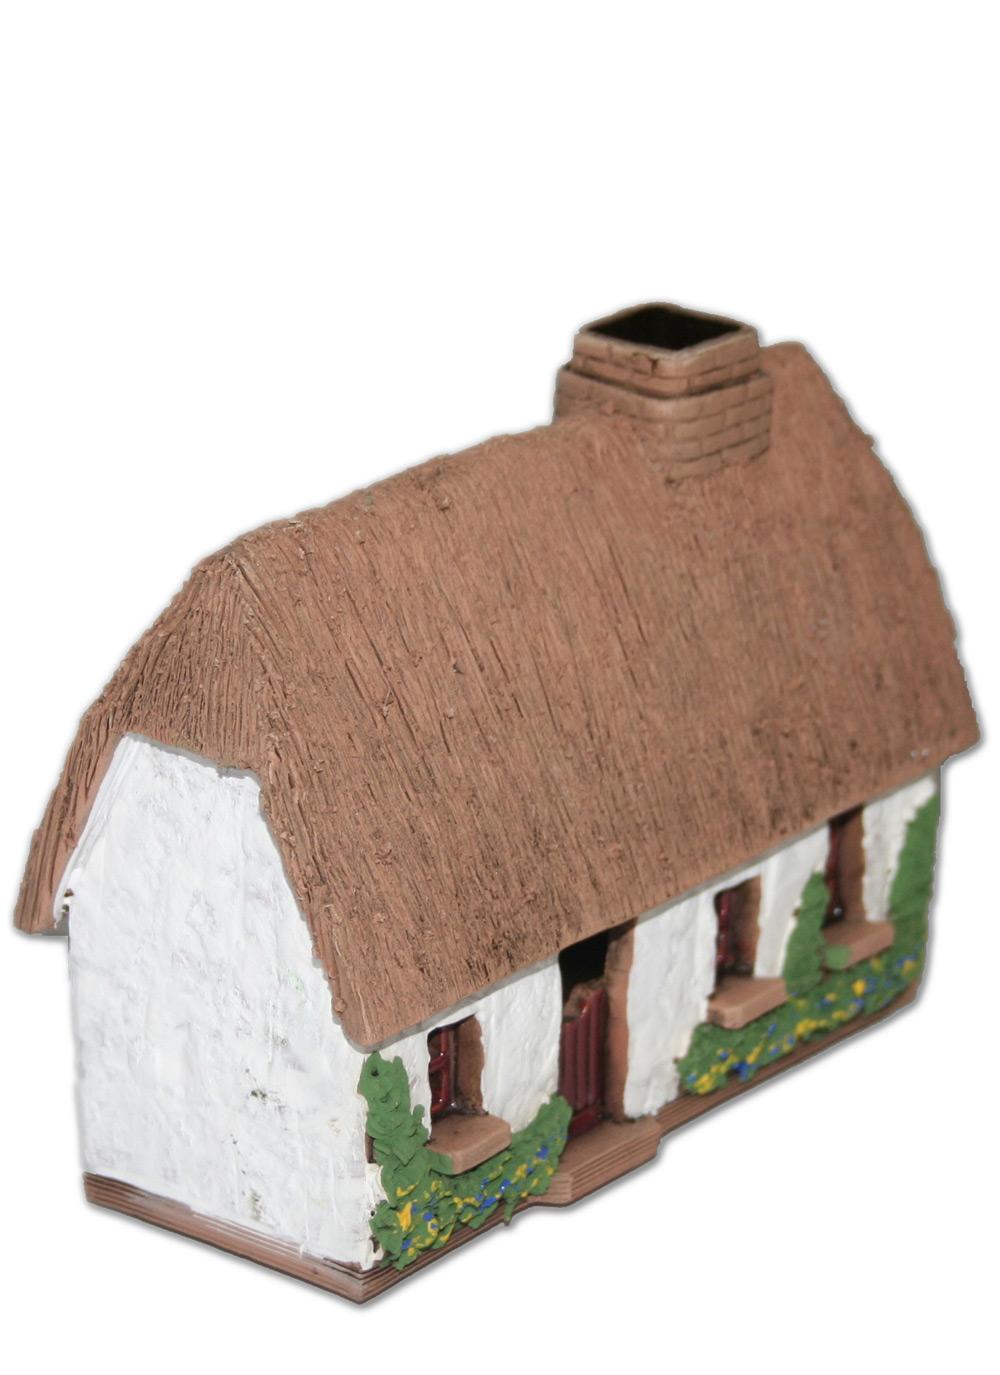 Irish Farmhouse Turf Incense Burner Blarney Com